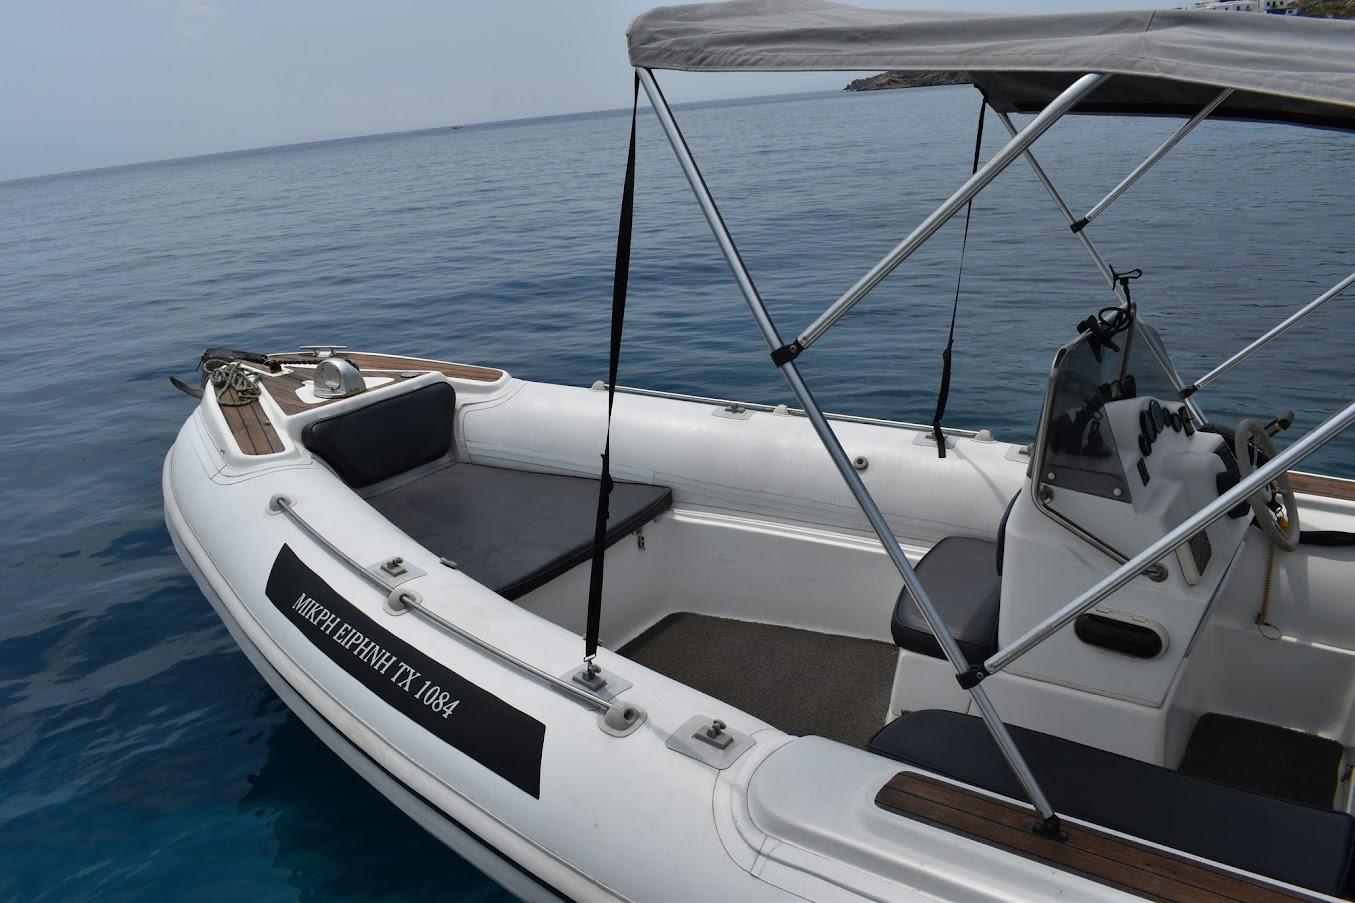 Rent a Boat Mykonos | Mykonos, Cyclades Boat Rental | Rent a Boat in Mykonos, No Licence Boats & Boat Trips | Rent a Motorboat in Mykonos | Mykonos Boat Rentals